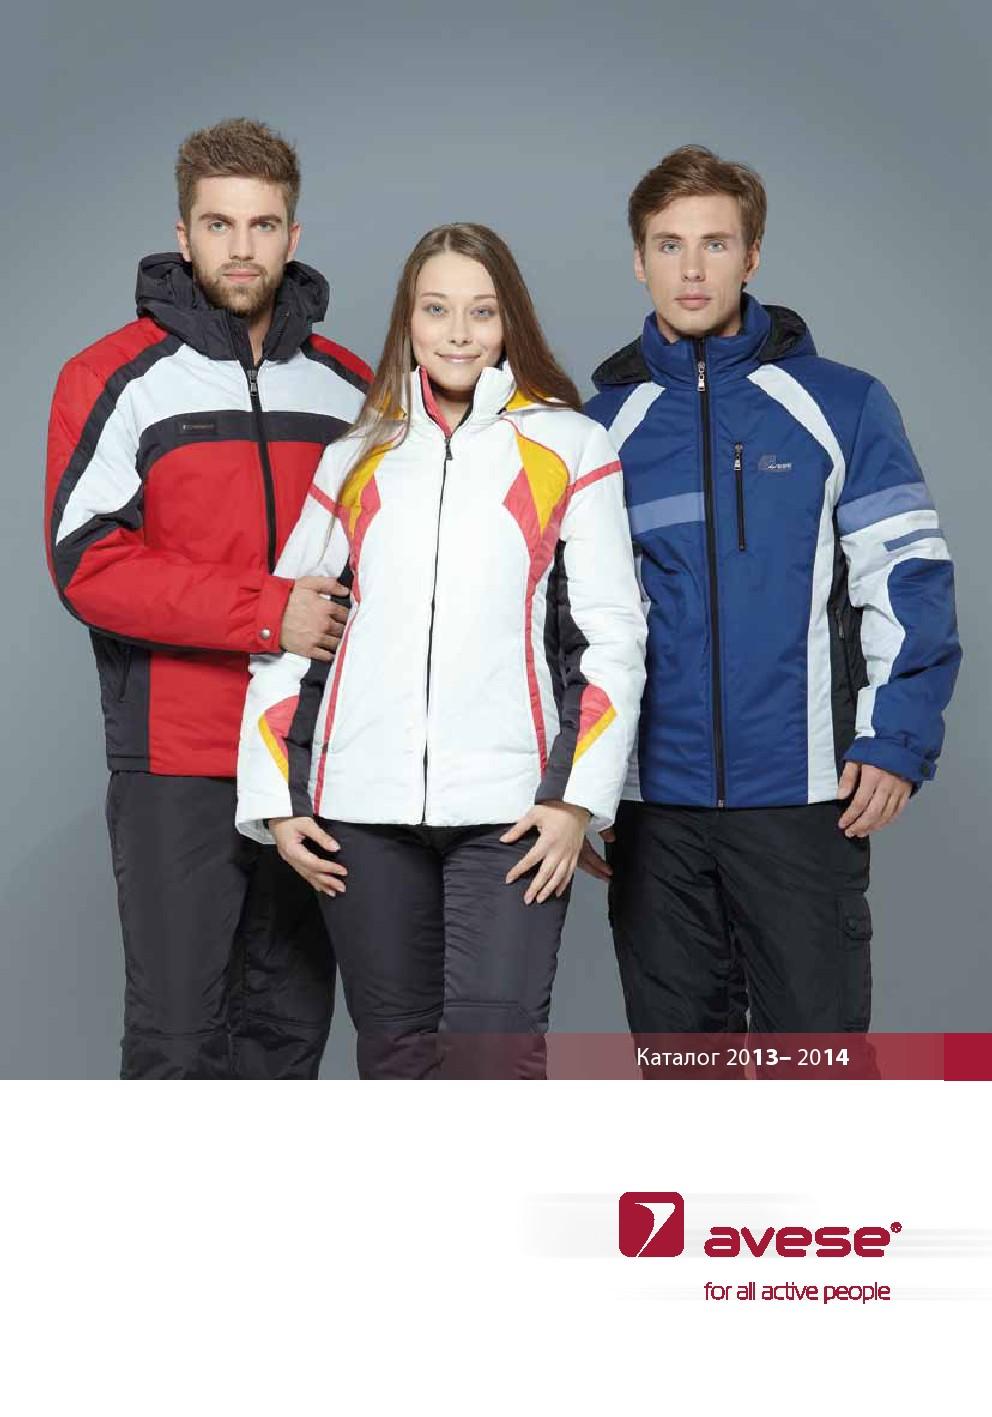 Распродажа ТМ @vese . Верхняя одежда для всей семьи. Мужские куртки, костюмы, ветровки, жилетки, брюки, шорты. Женские